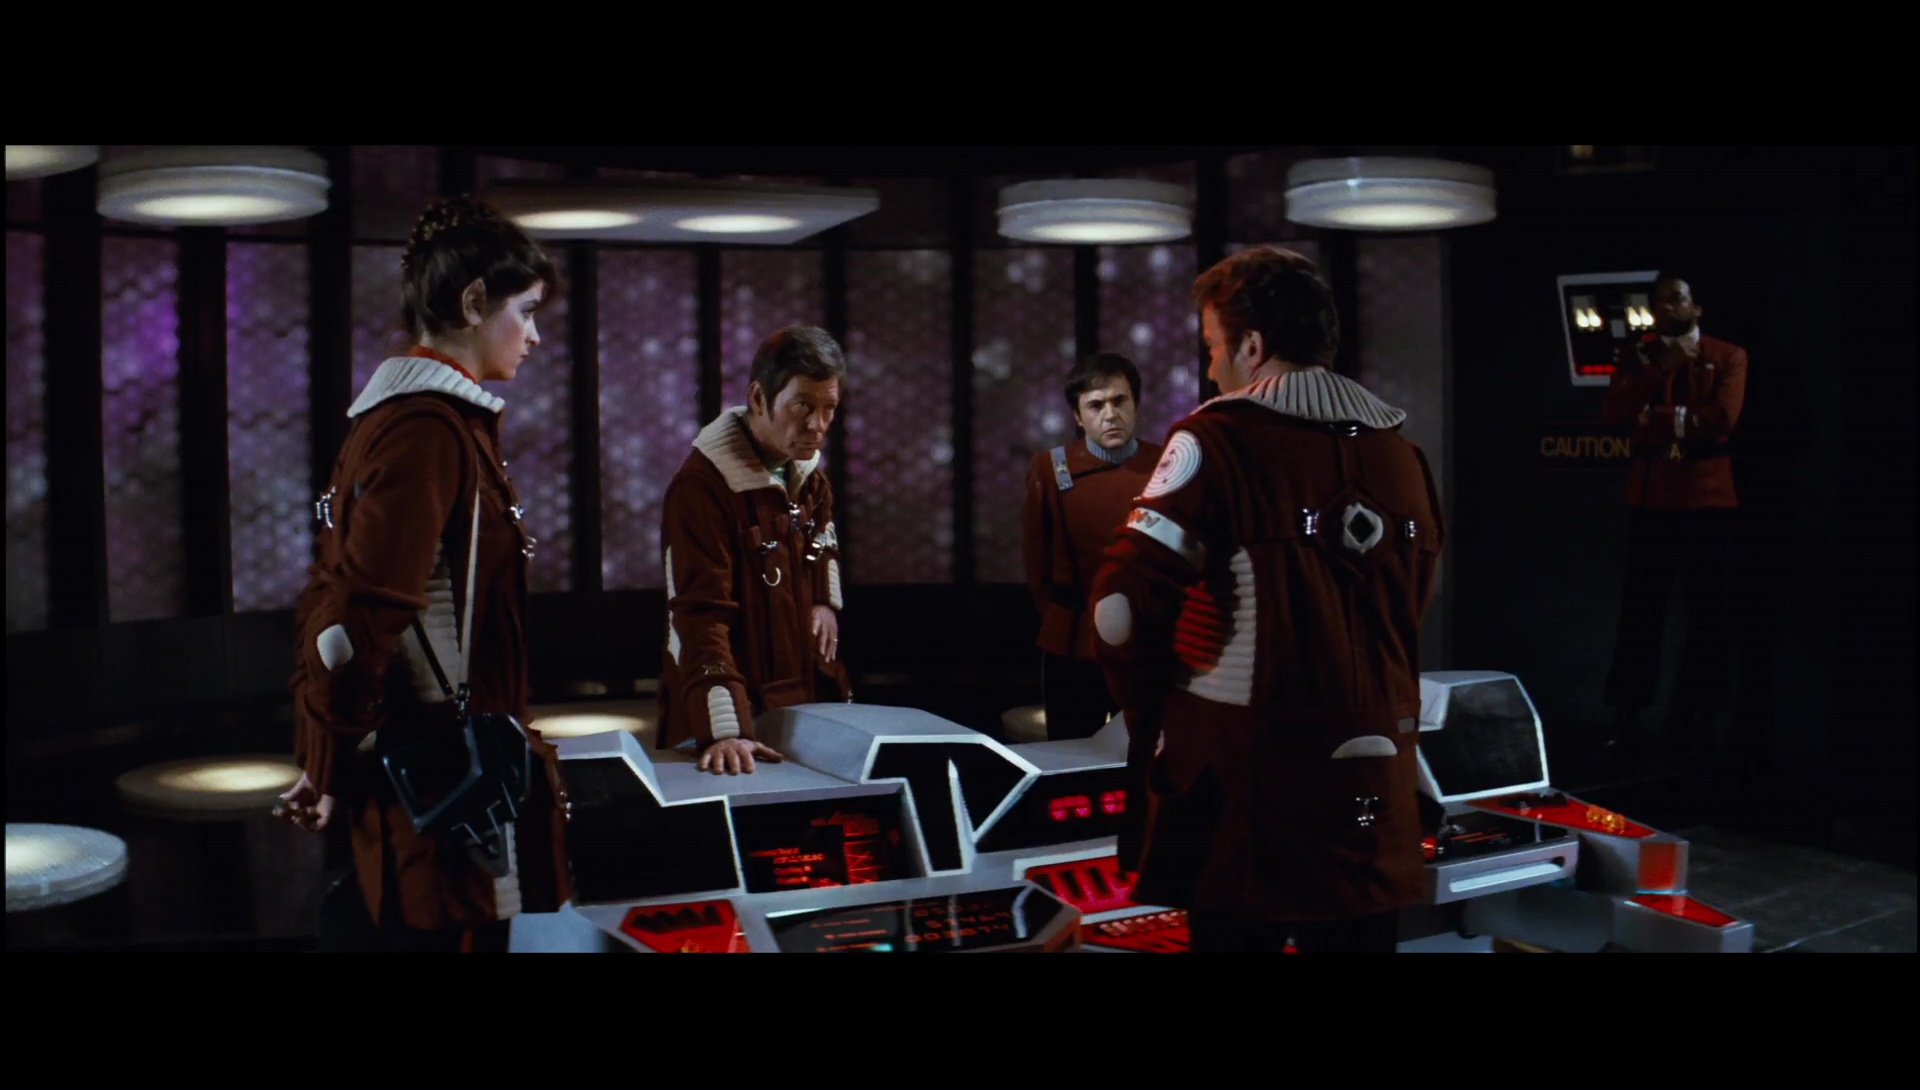 Viaje A Las Estrellas 2 La Ira De Khan 1080p Lat-Cast-Ing 5.1 (1982)